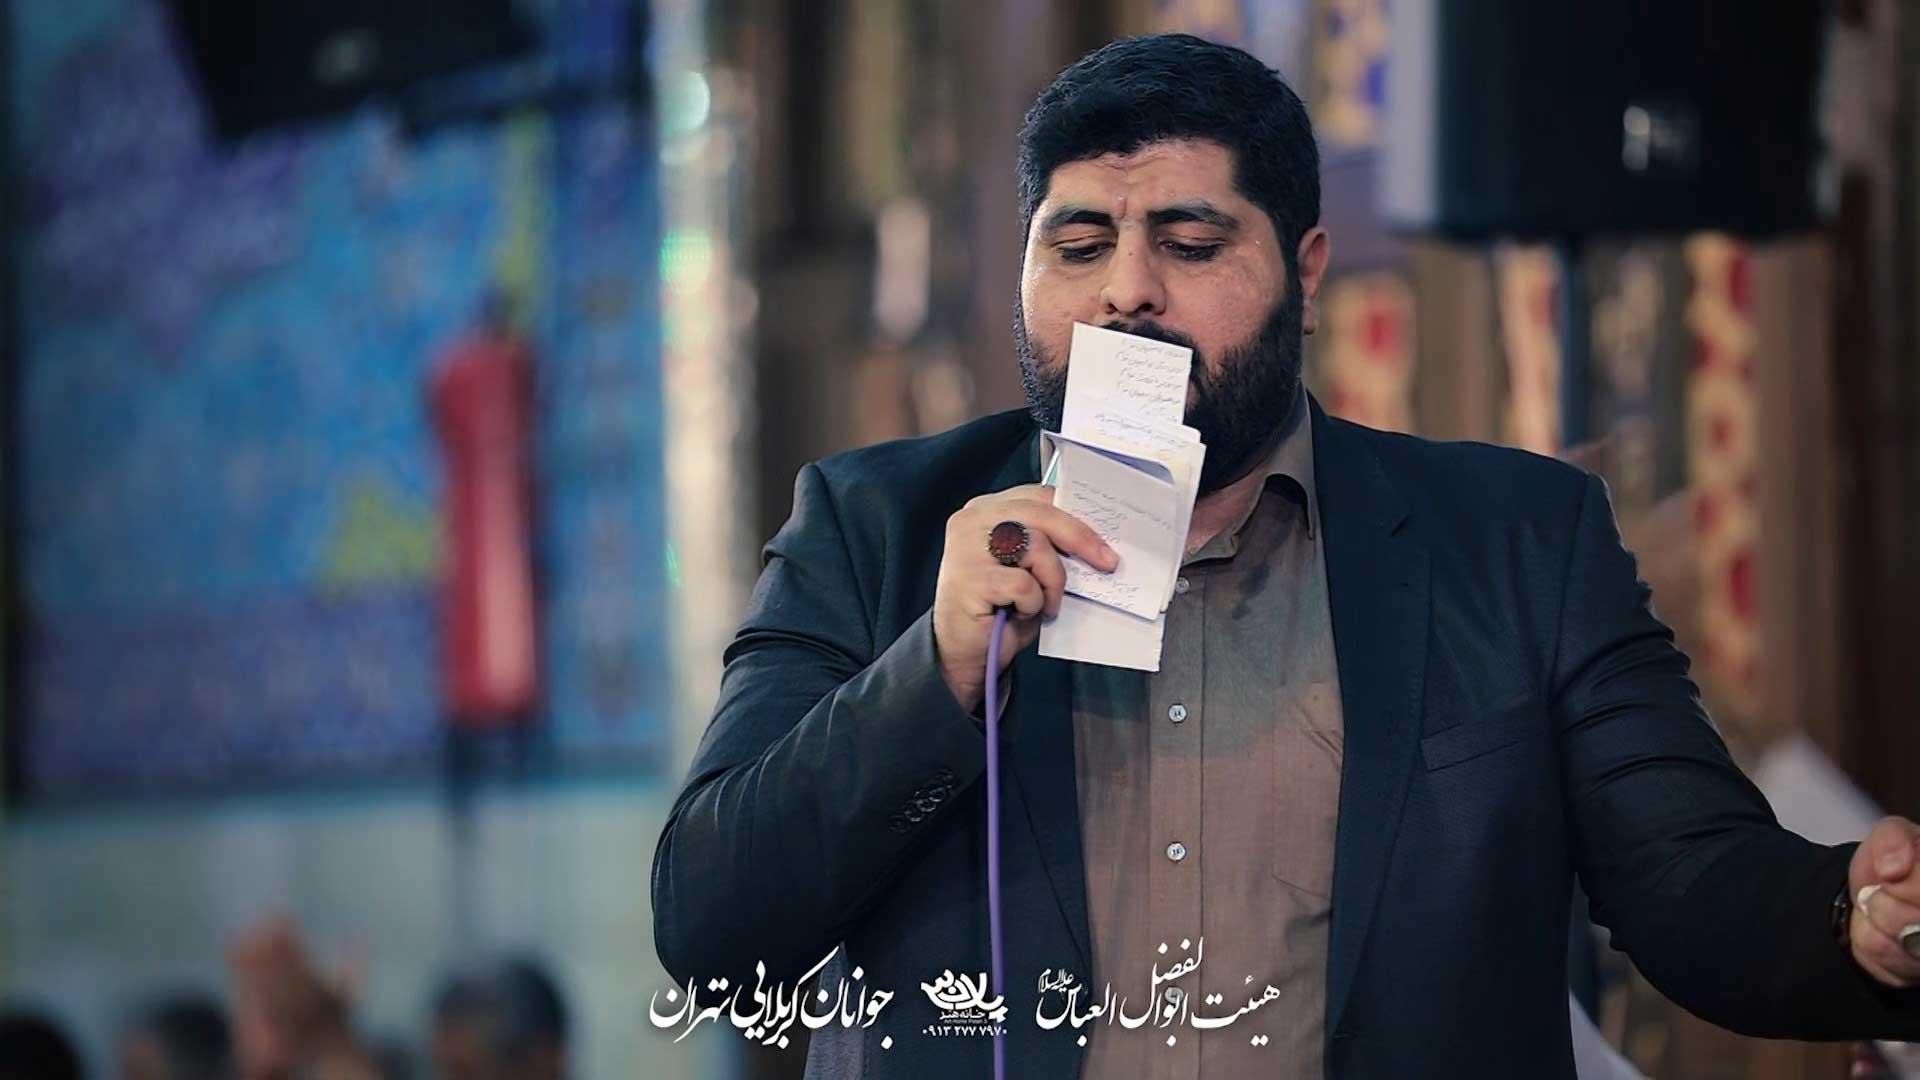 دین منی دنیای منی علی اکبری